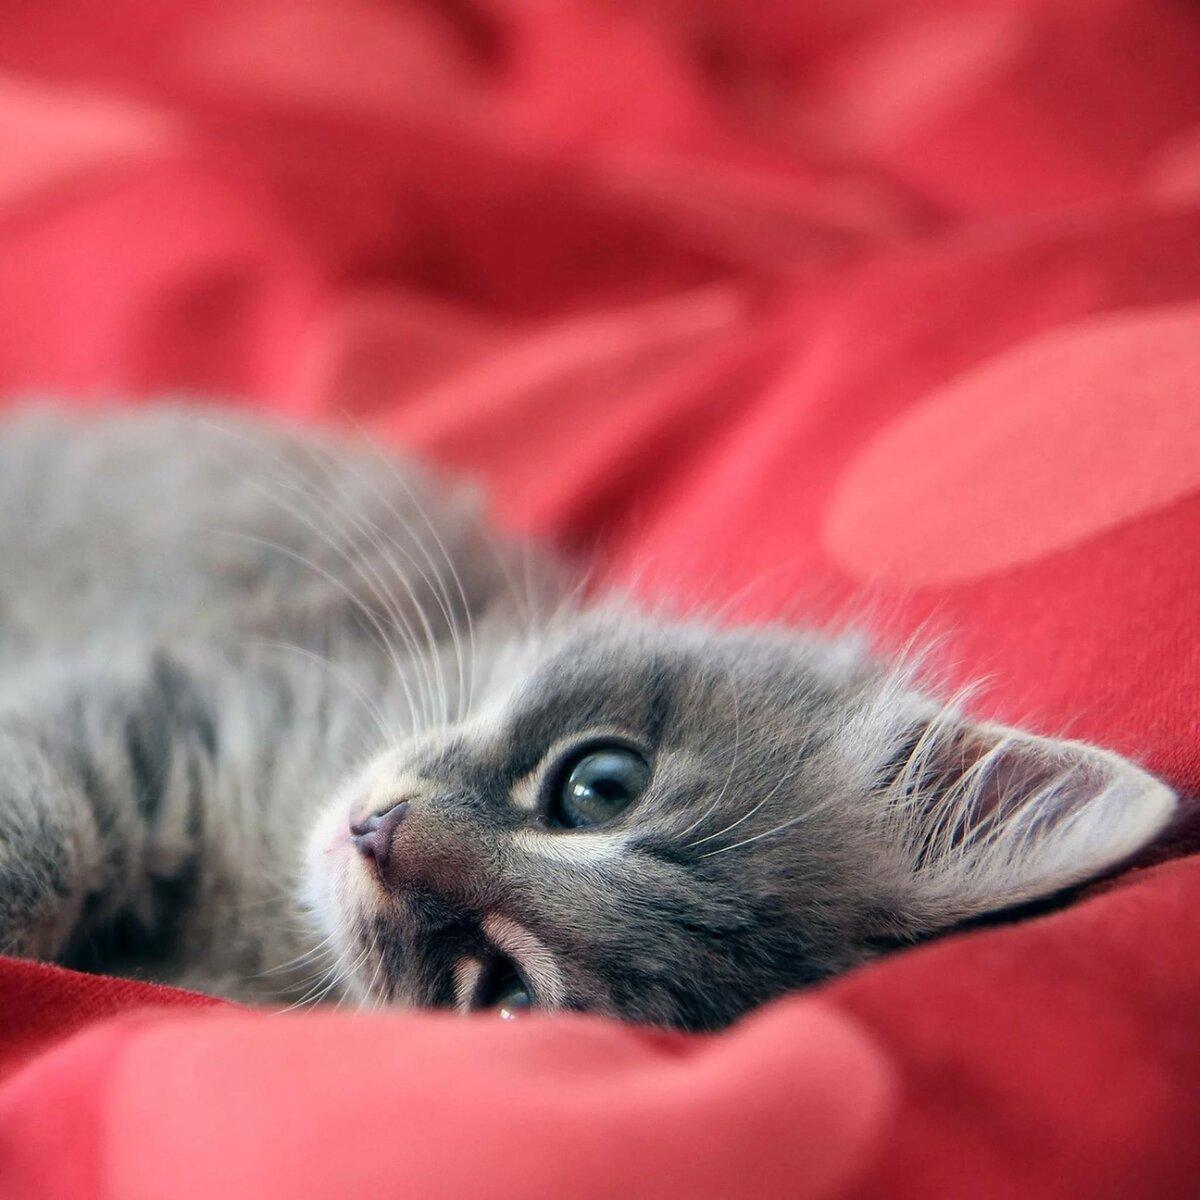 съемку картинки с котятами на смартфон холидей поделилась